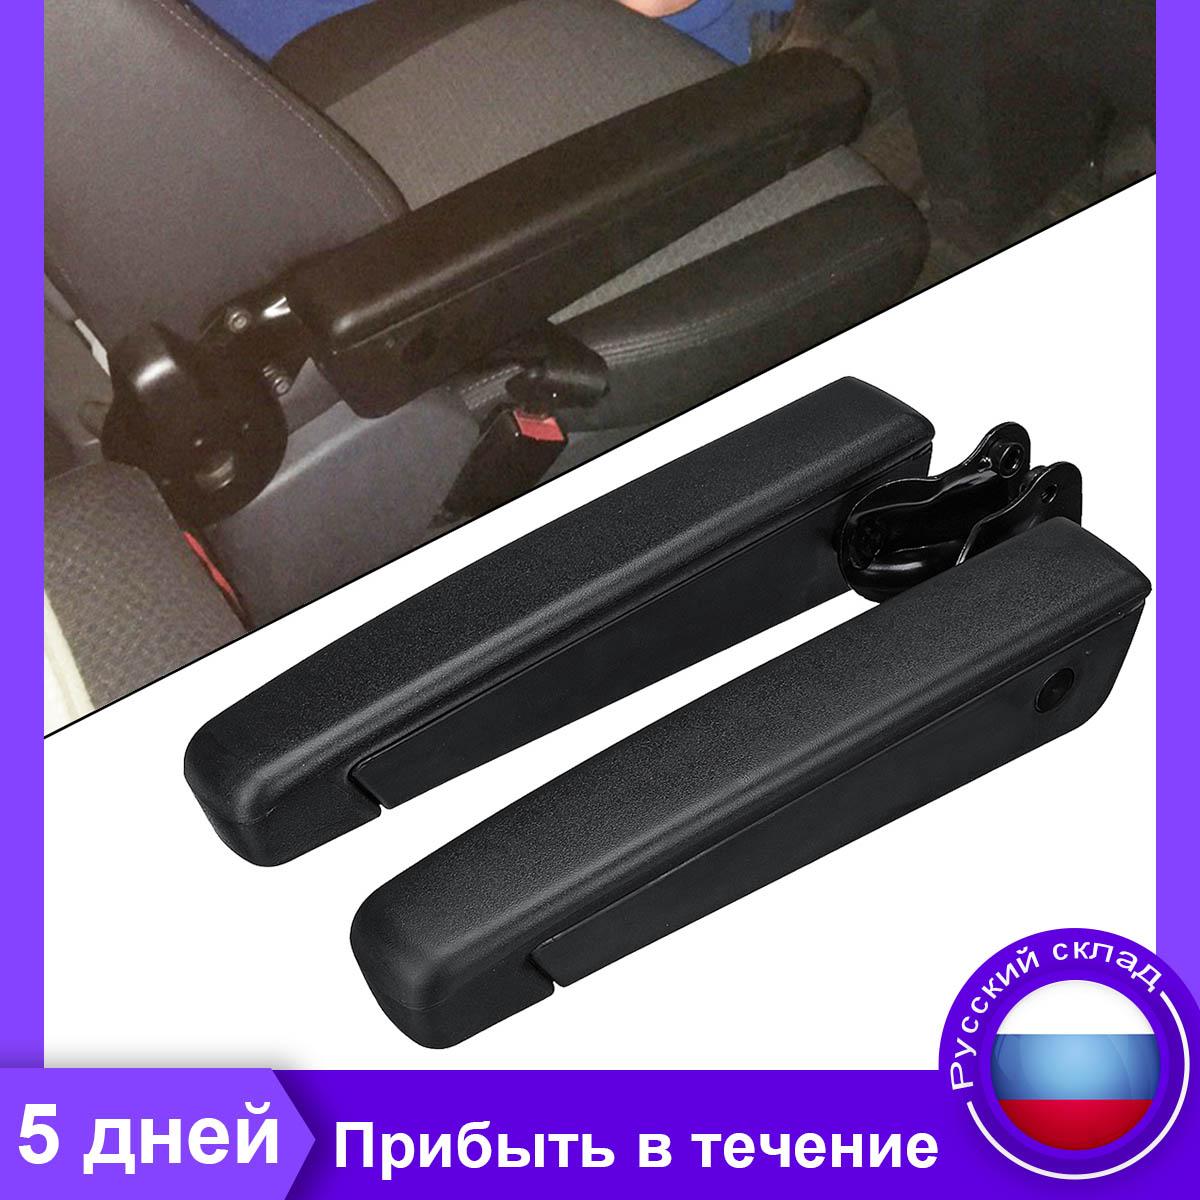 Uniwersalny lewy/prawy ręczny regulowany podłokietnik fotela samochodowego RV dla camper Motorhome ciężarówki łodzi akcesoria samochodowe